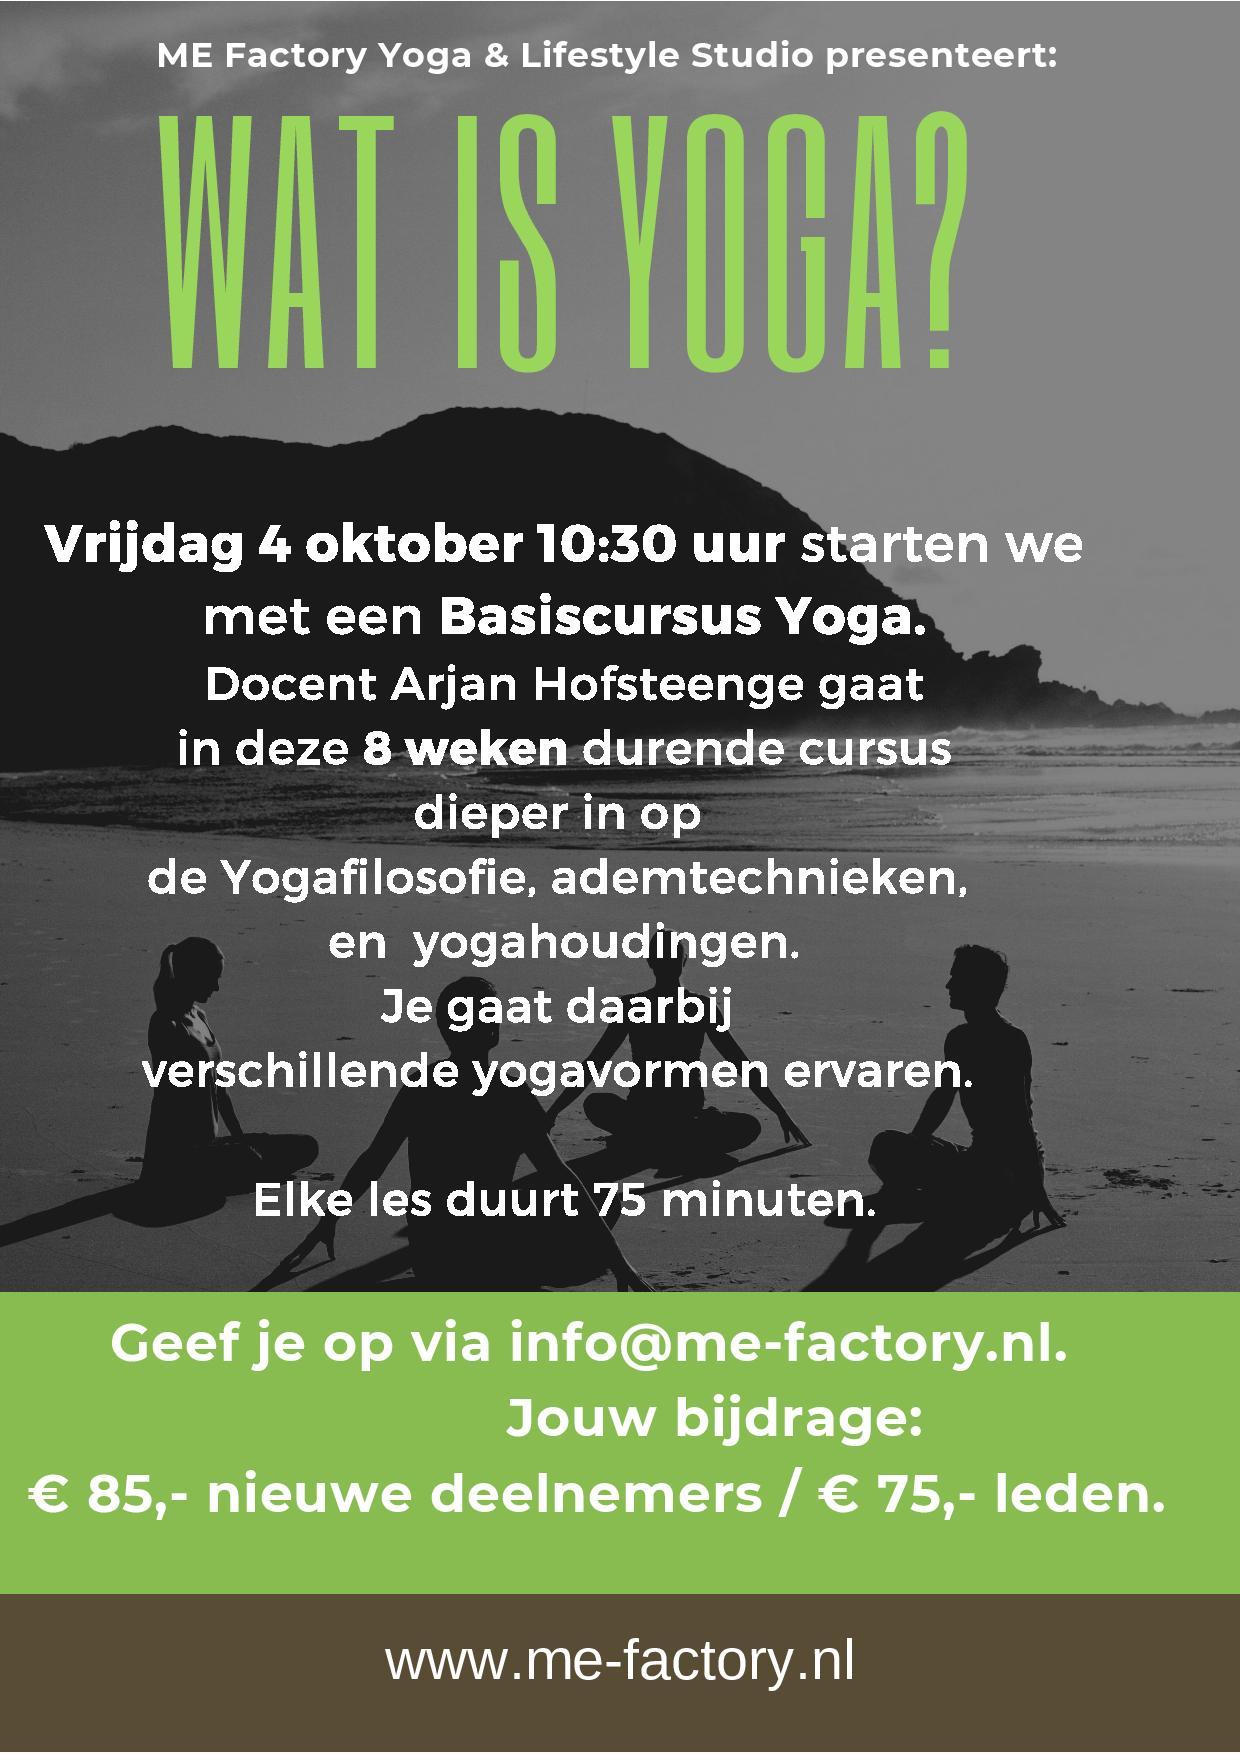 Wat is yoga? – Vanaf 4 oktober